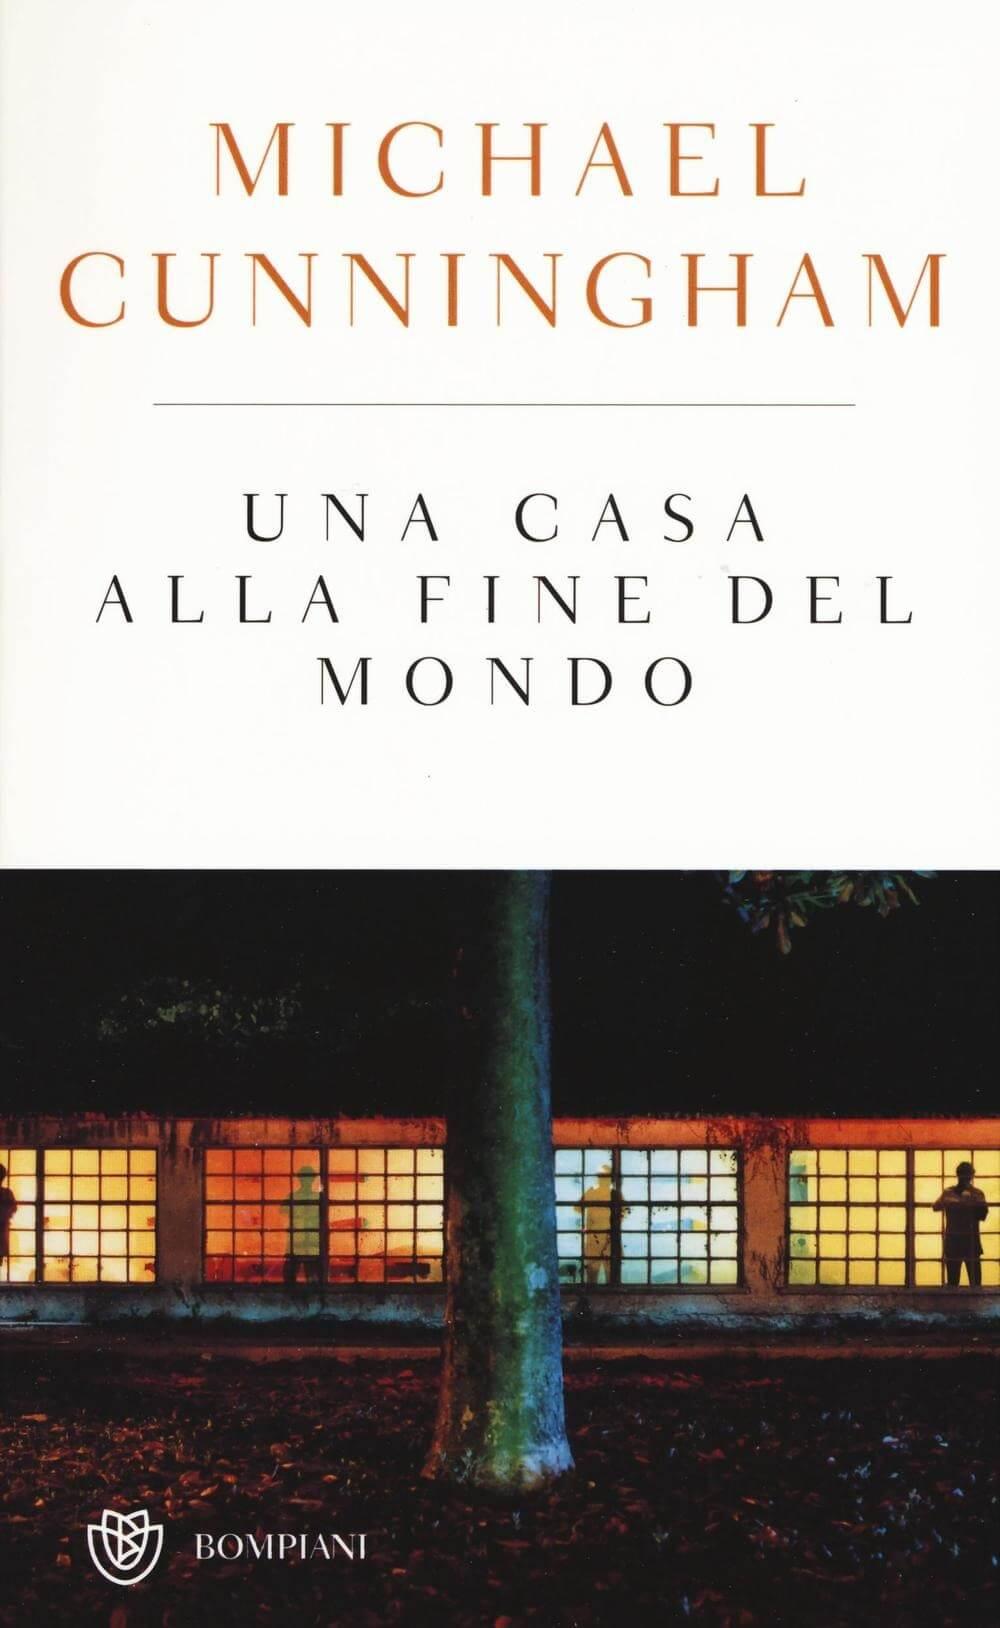 Michael Cunningham - Una casa alla fine del mondo